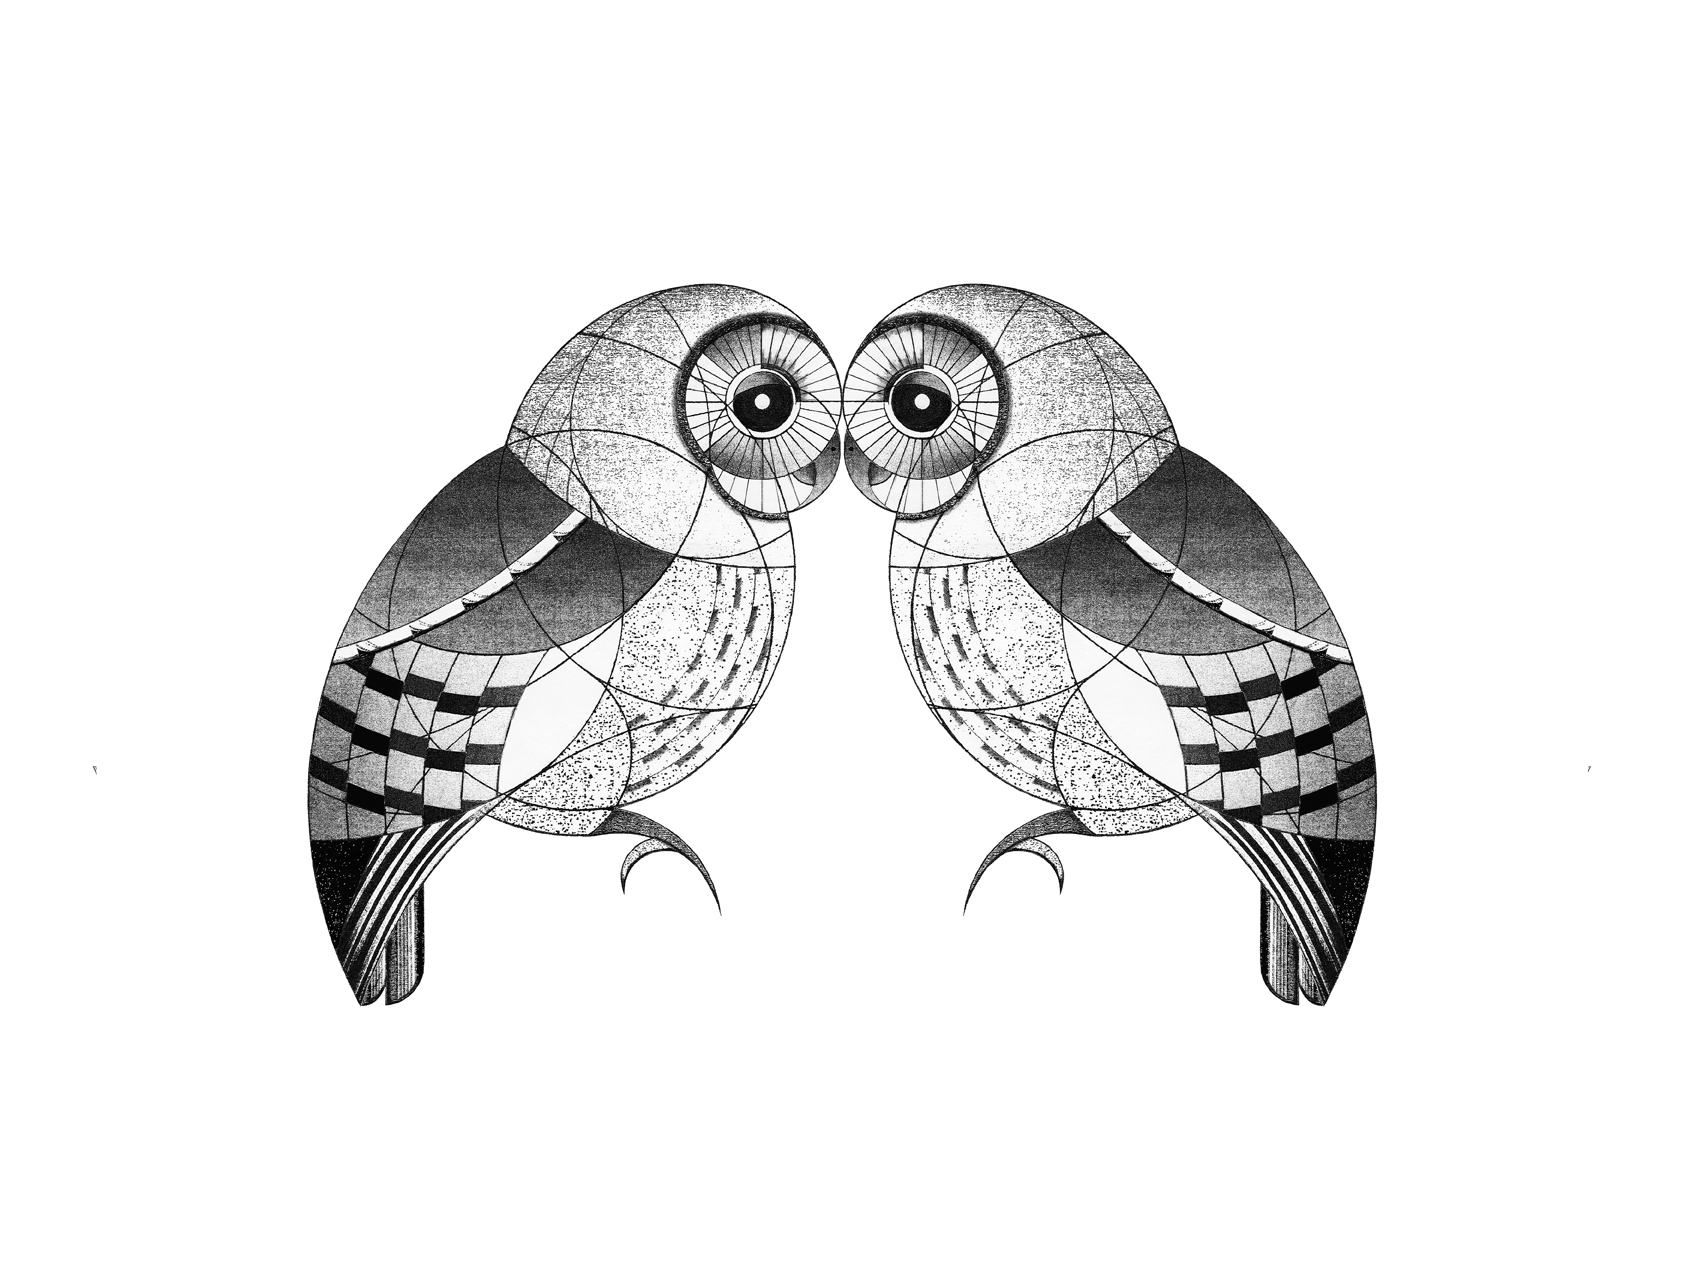 oa's owls